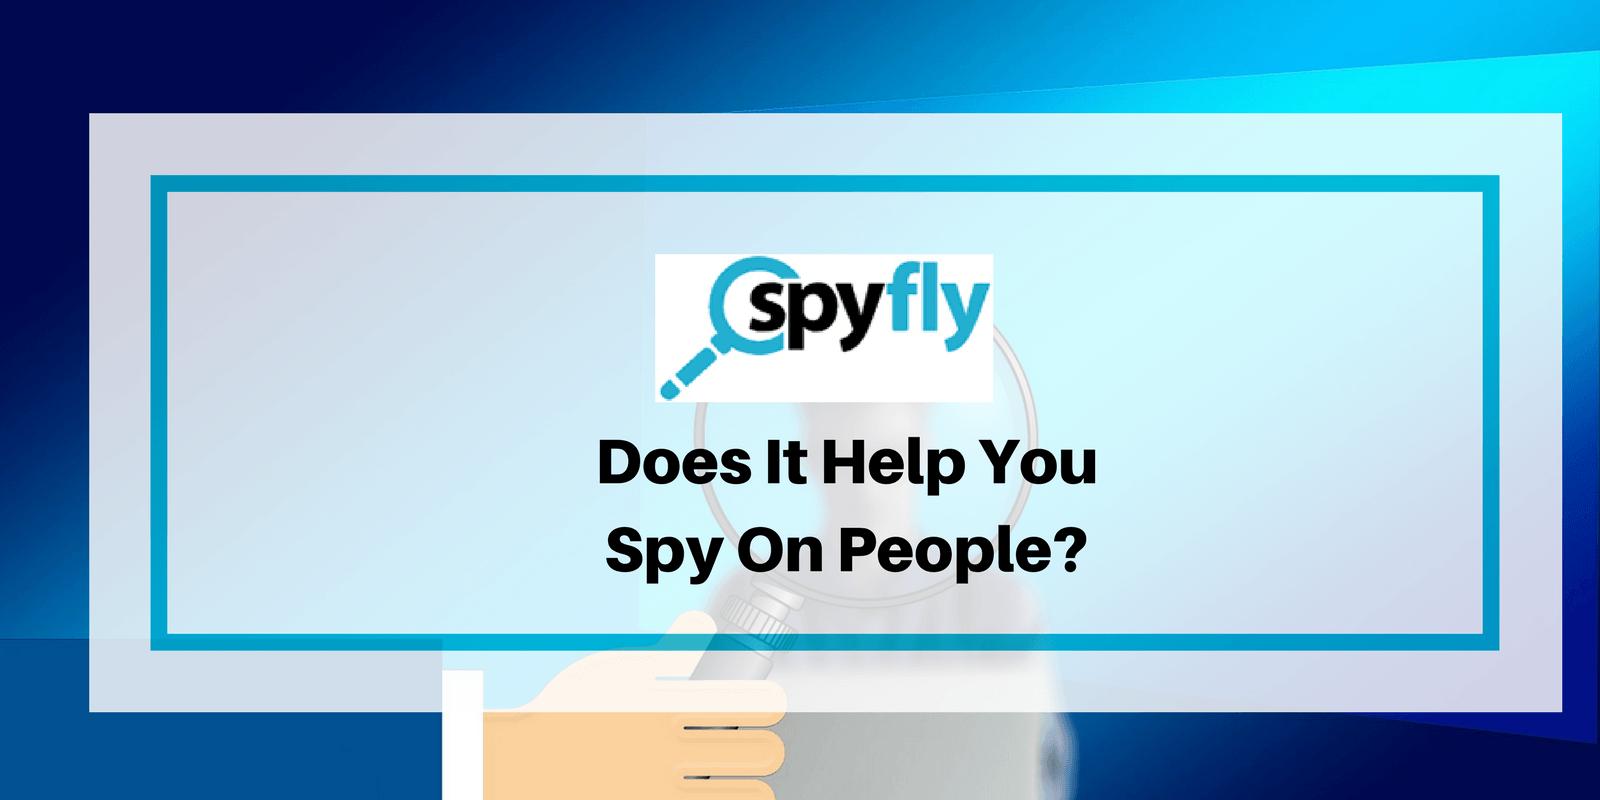 www spyfly com login